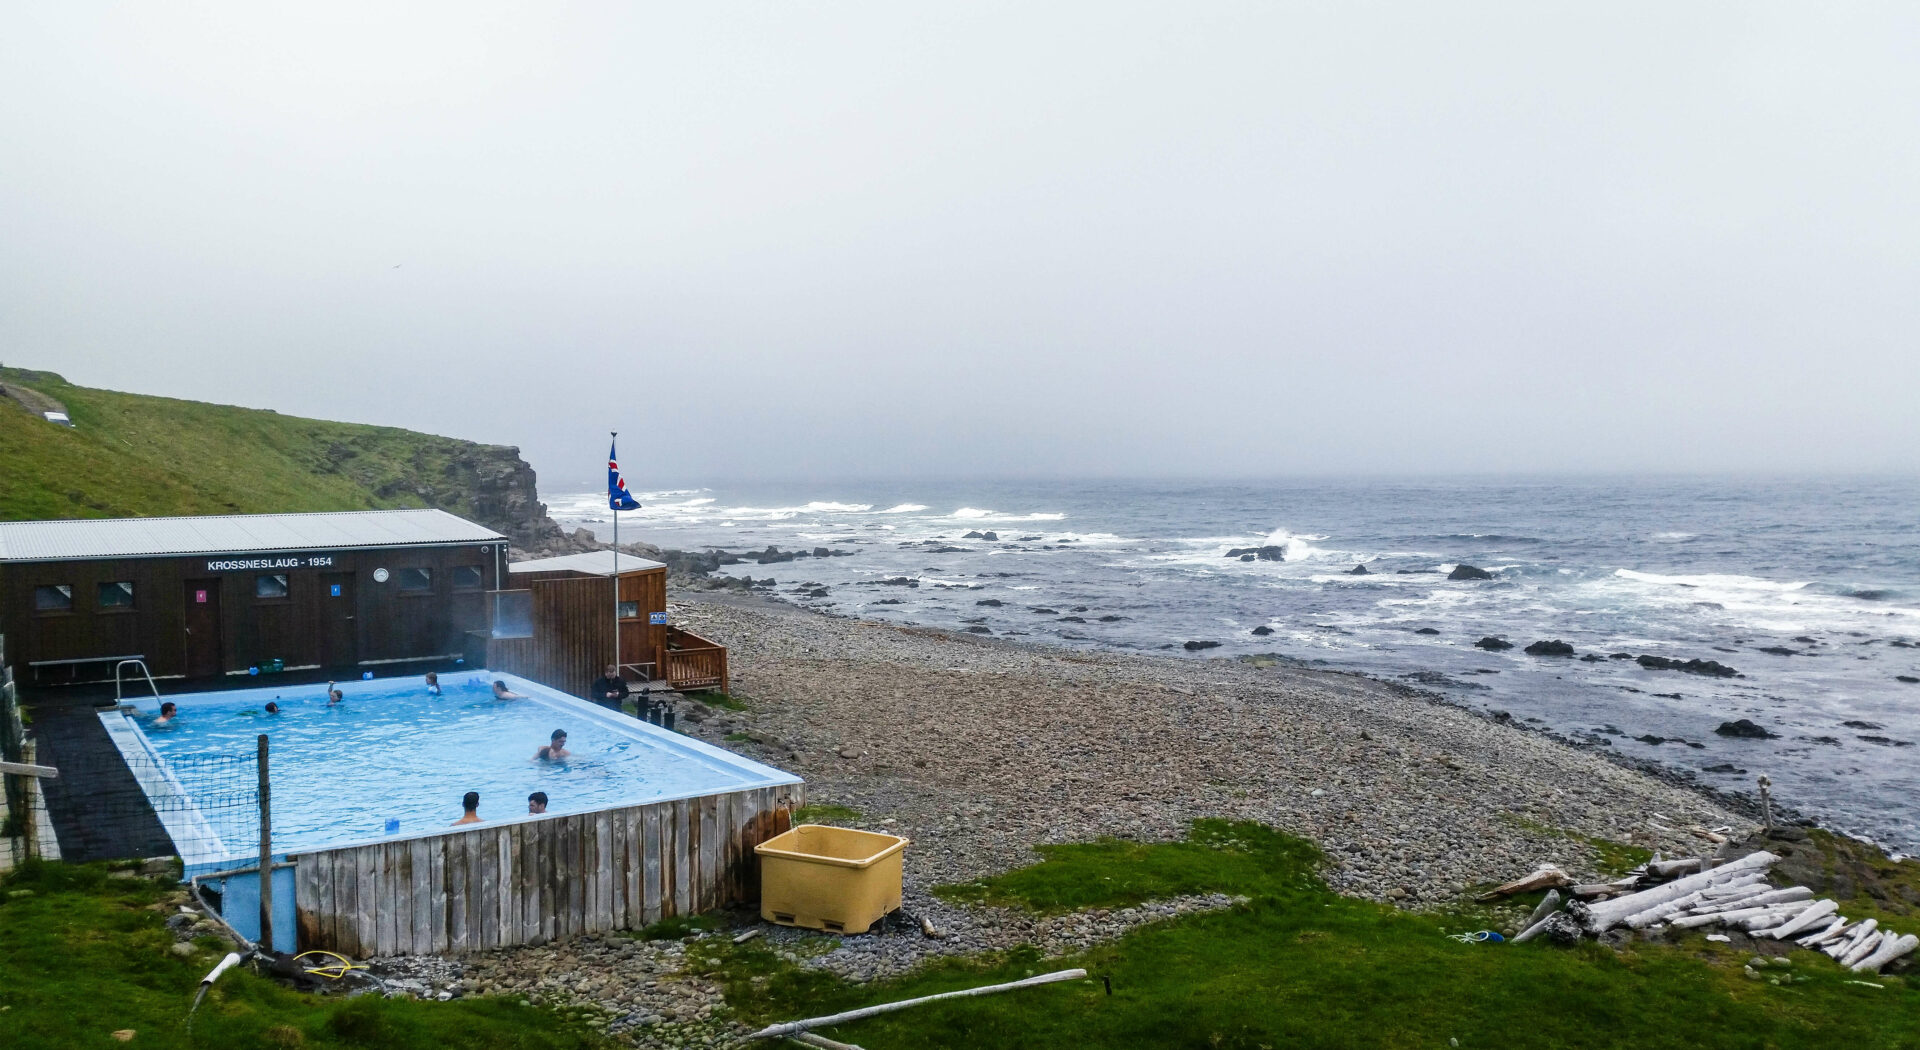 018 varme kilder, Krossnes laug, Island